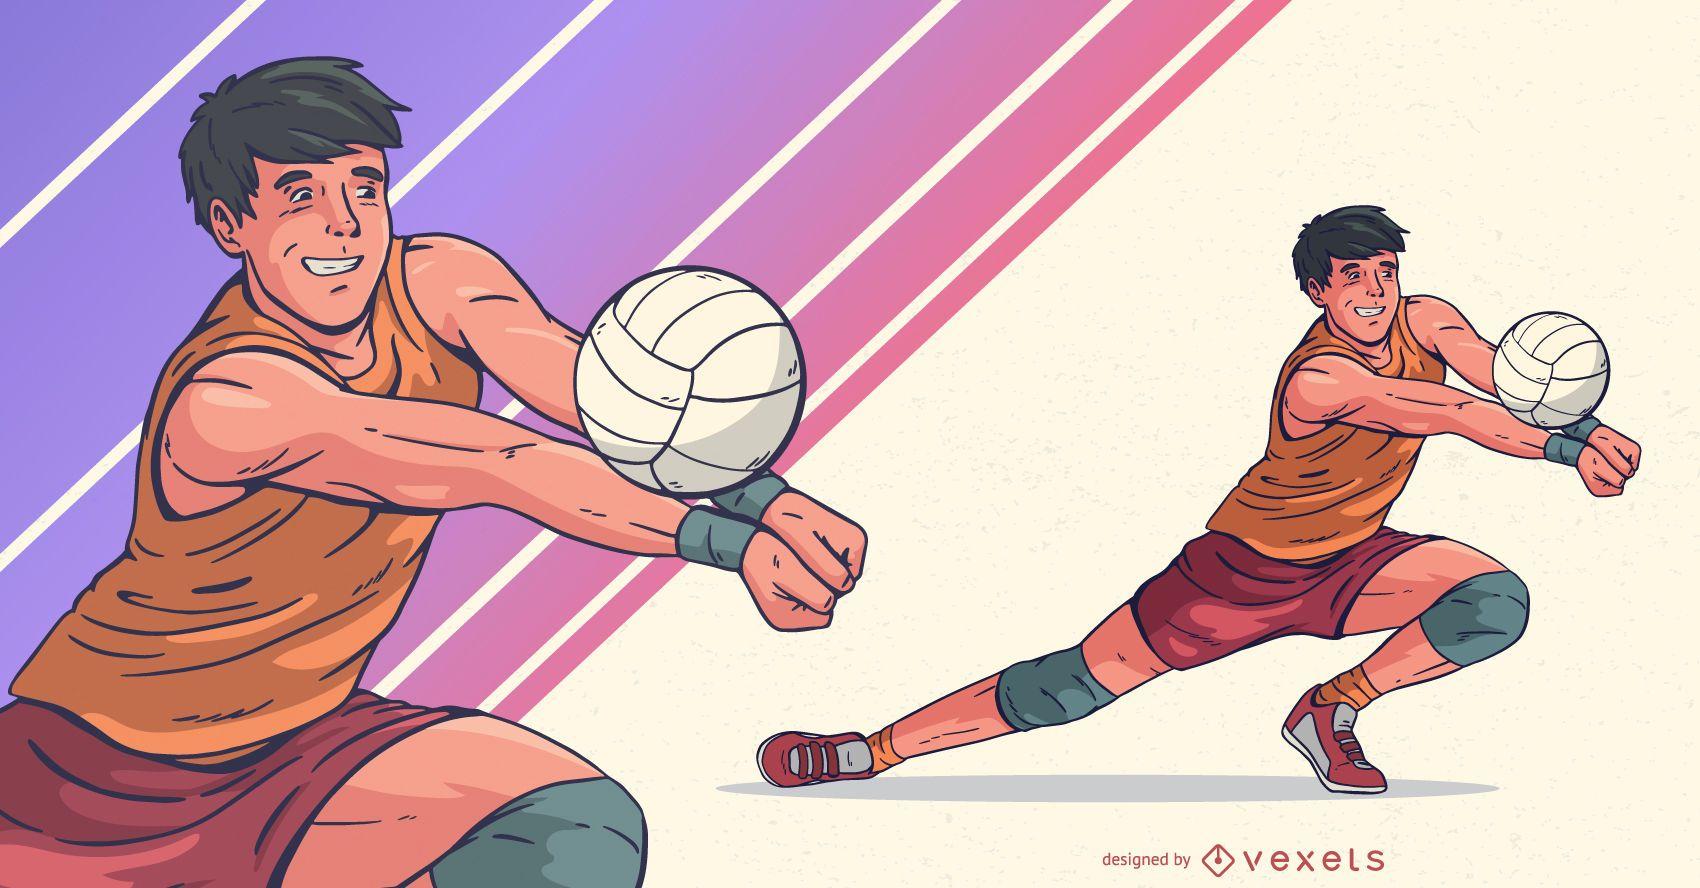 Ilustración de deportes de jugador de voleibol masculino